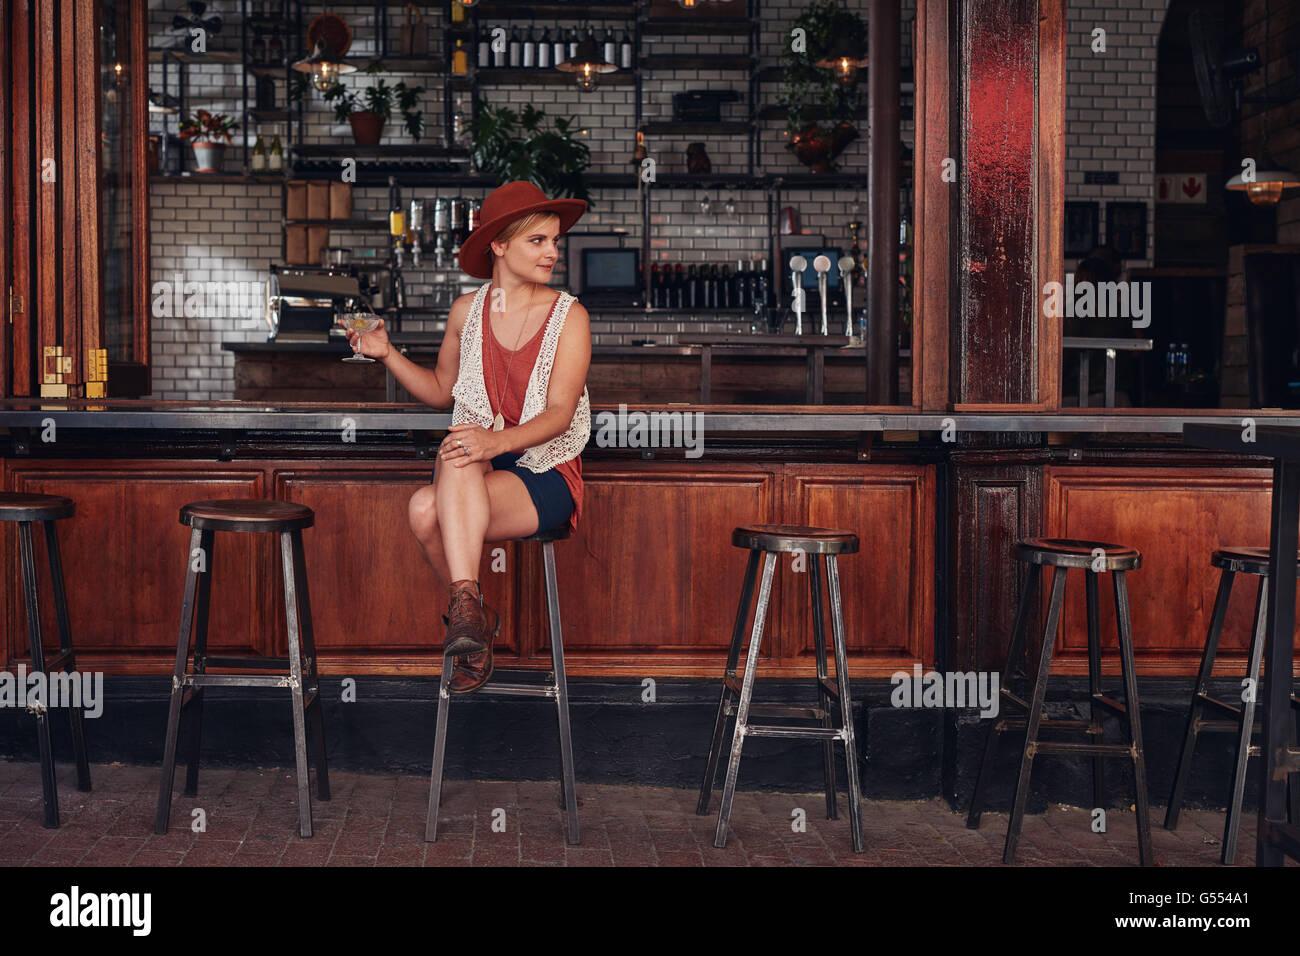 Ritratto di elegante femmina giovane seduto in un bar con bevande e guardando lontano. Bella femmina caucasica presso Foto Stock